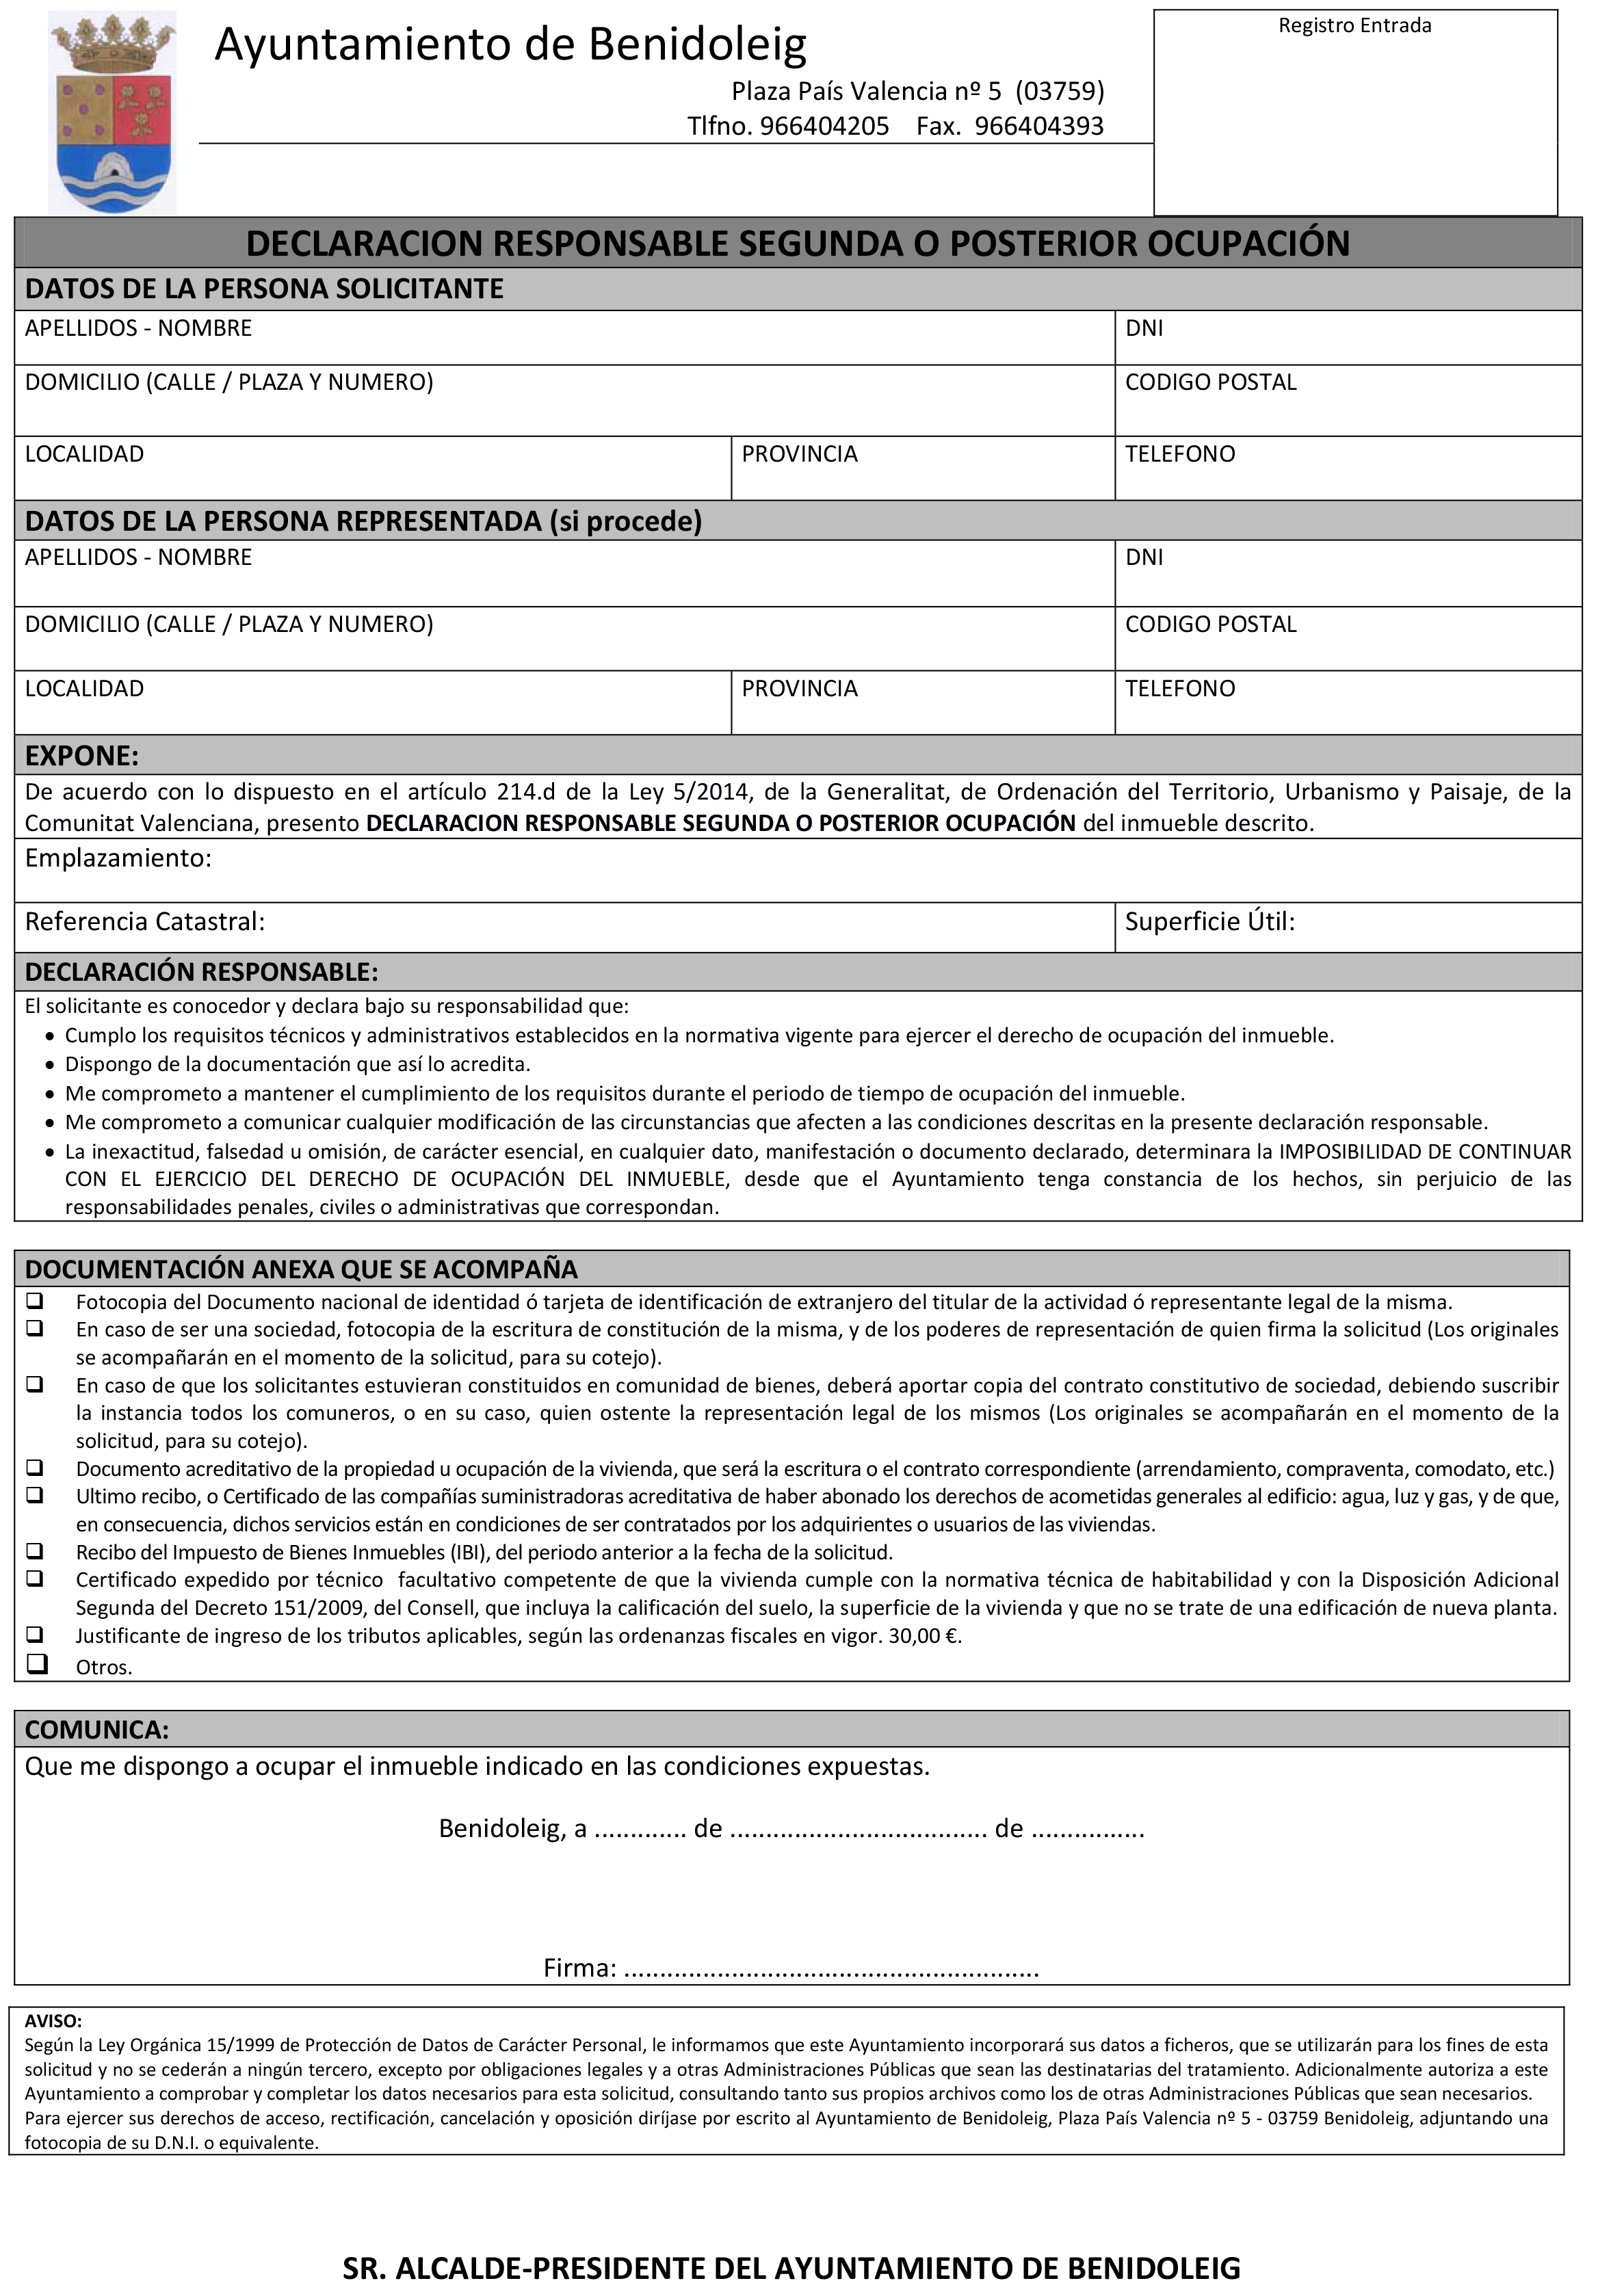 Impreso Declaración Responsable Segunda Ocupación - Benidoleig